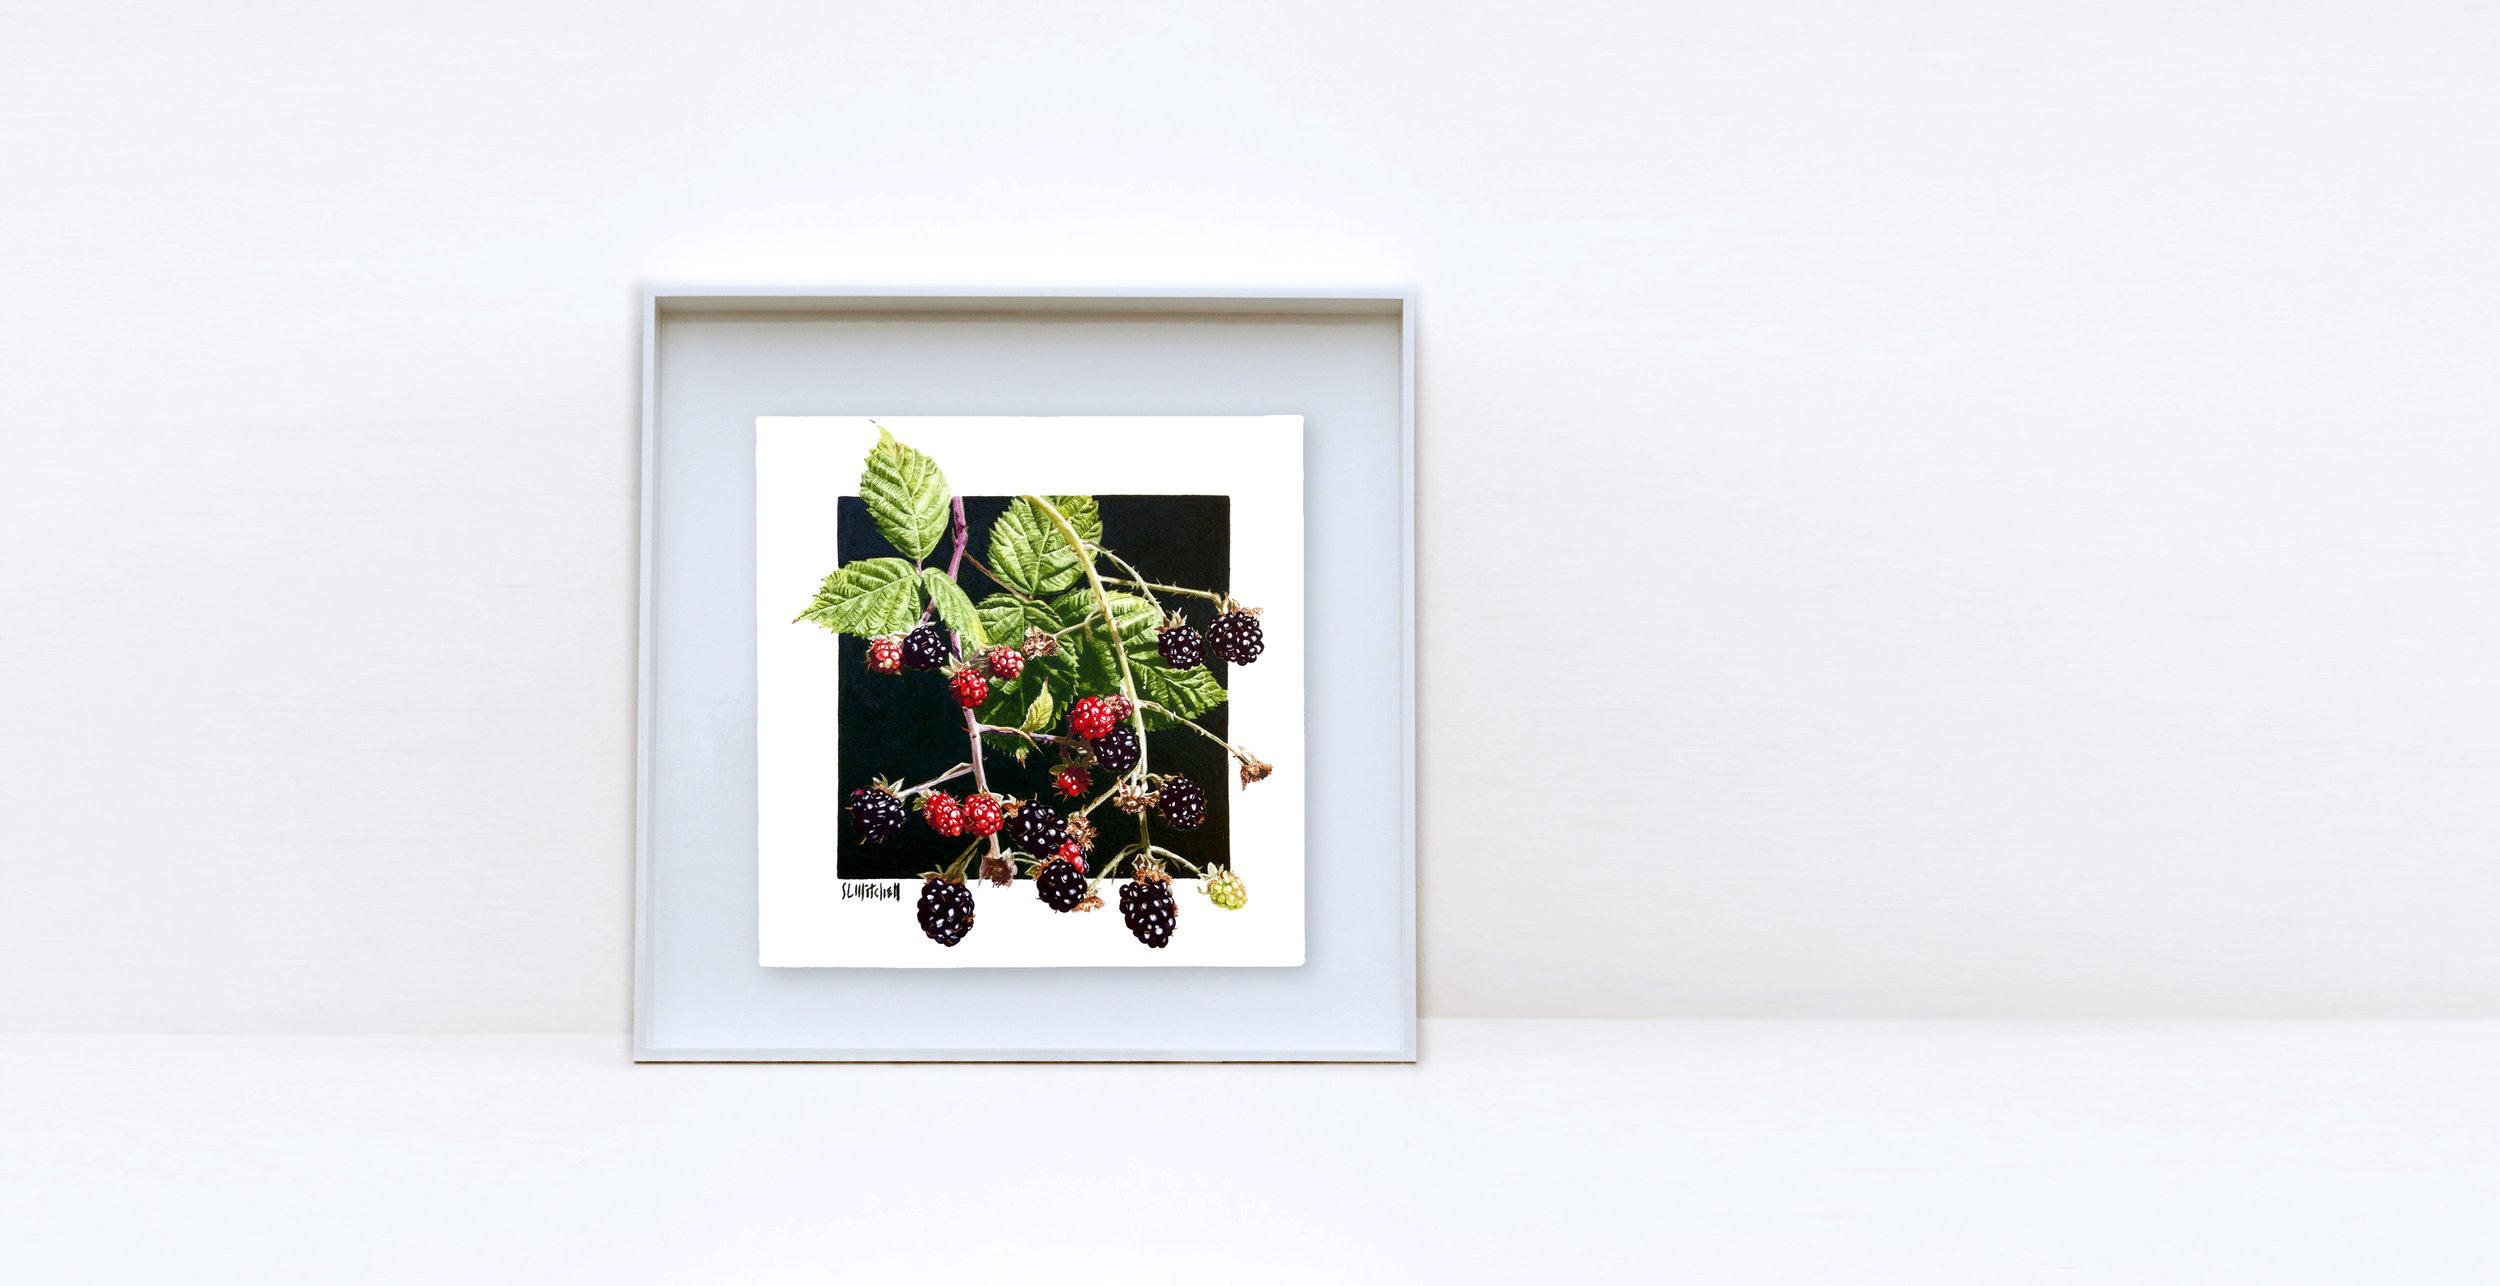 4x4_Blackberries.jpg